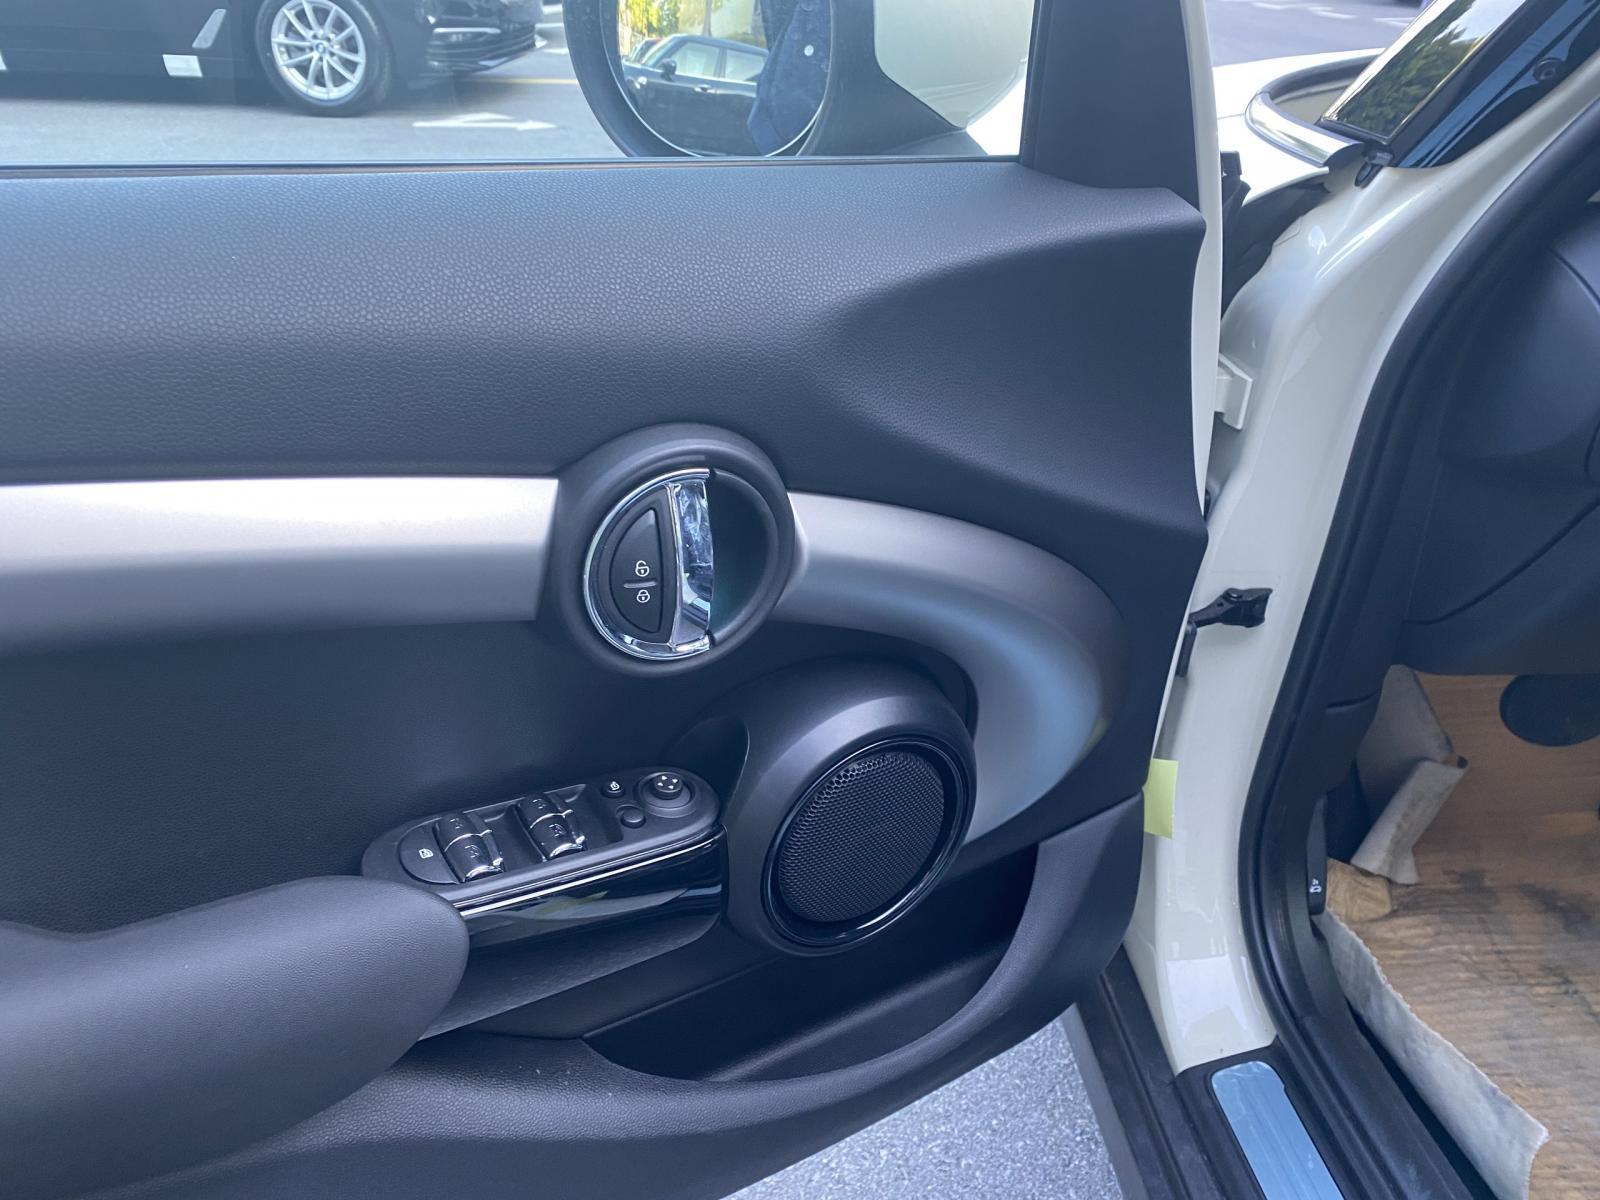 Bán ô tô Mini One 2020 năm 2020 nhập chính hãng, giá ưu đãi